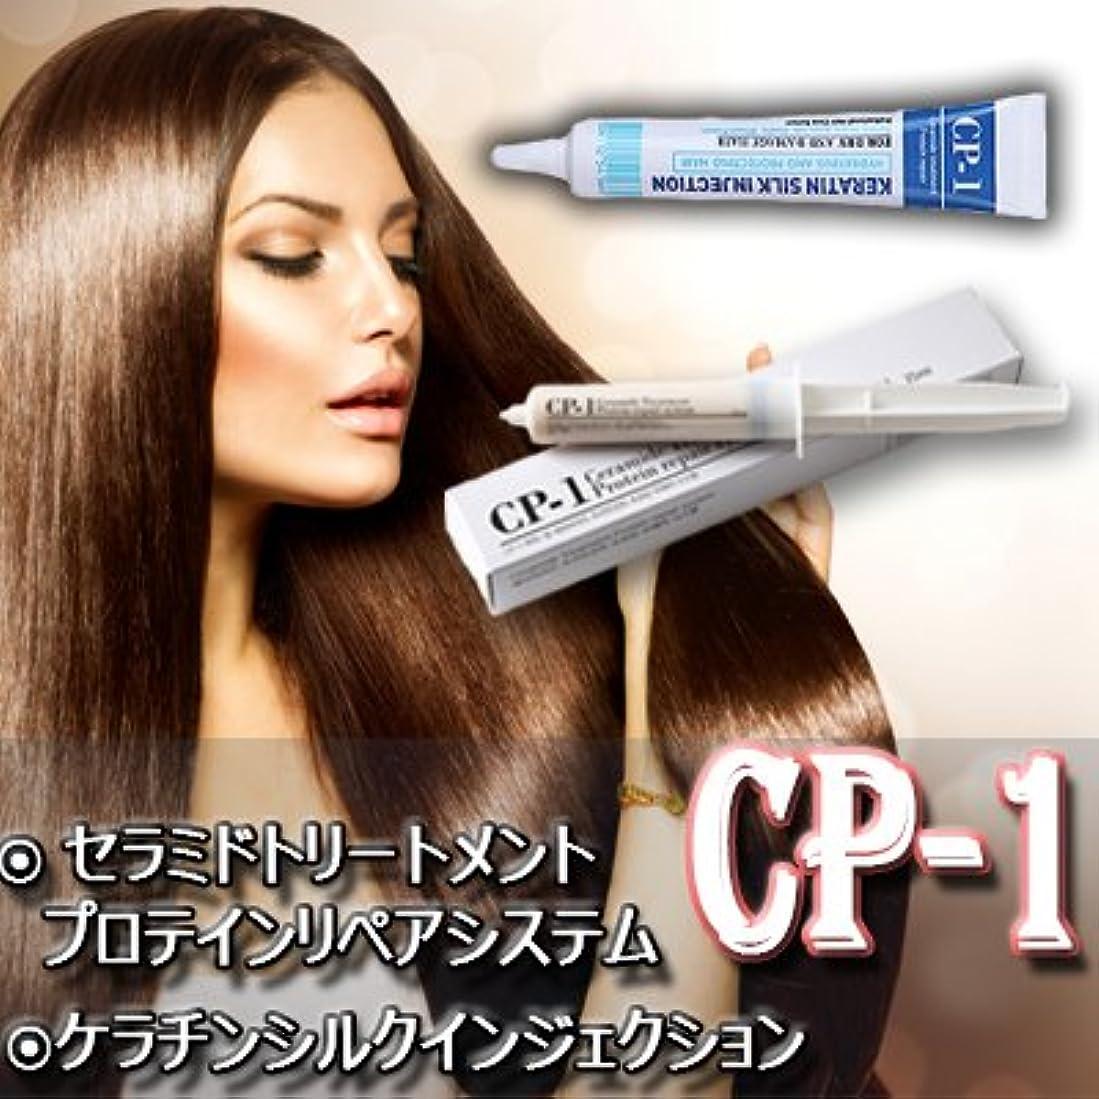 ベックスところで襲撃[CP-1 Keratin 10pcs 1タンパク質アンプル] 洗いながすことなく塗るだけOK!毎日使用してください!【10個入り】